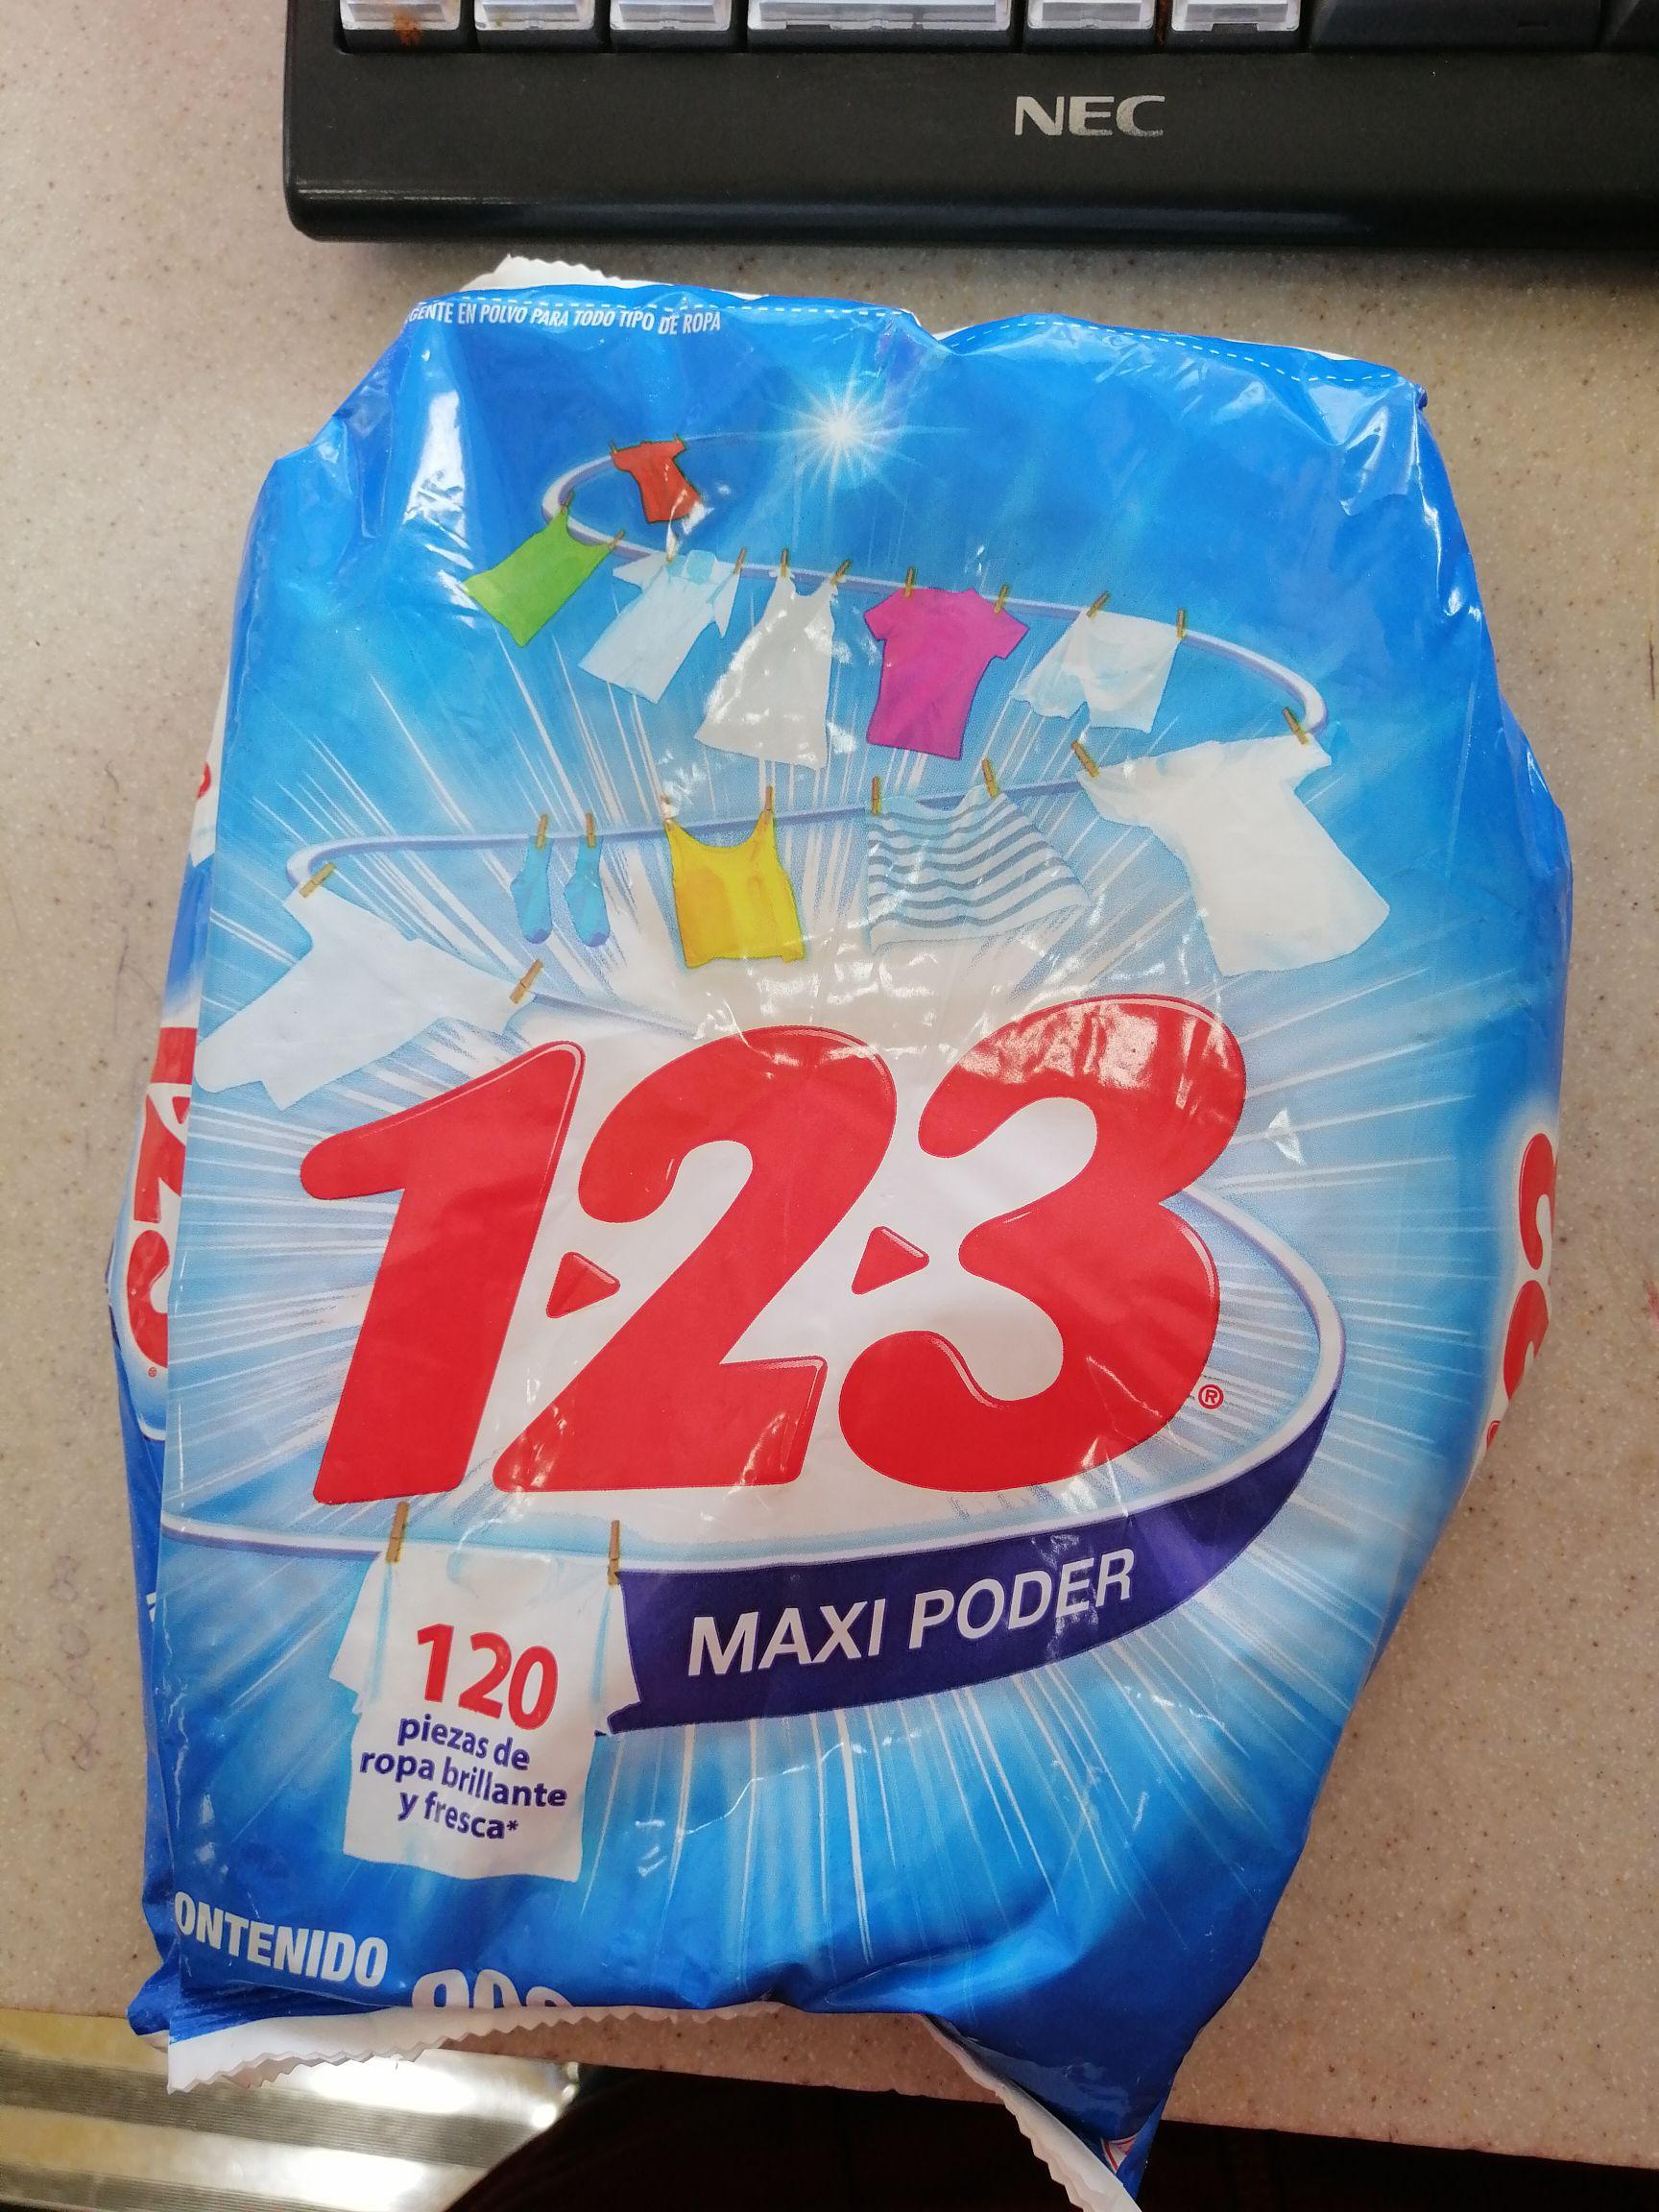 Jabón 123 rebaja en oxxo